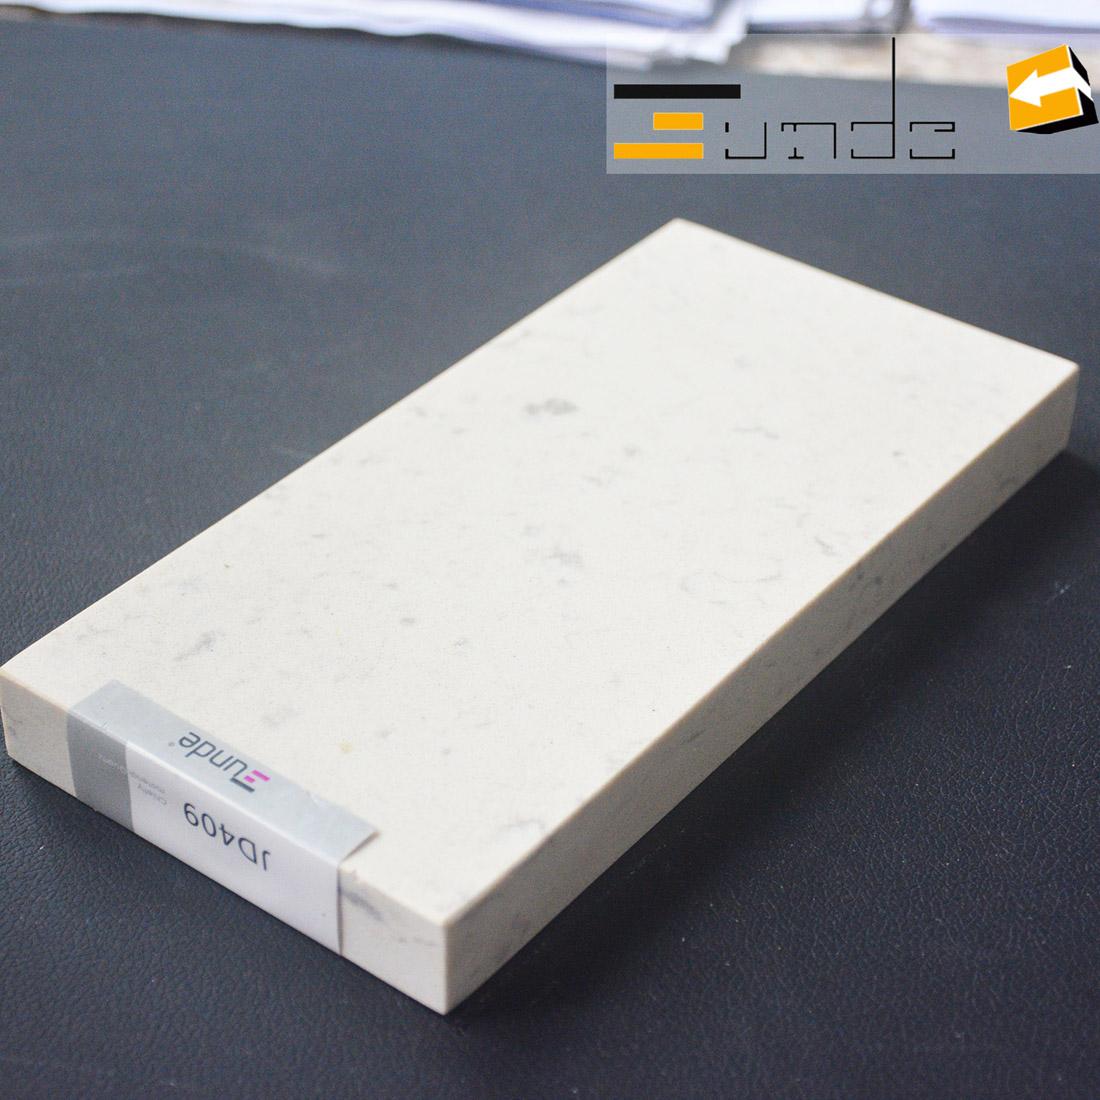 calacatta white quartz stone sample jd409-1